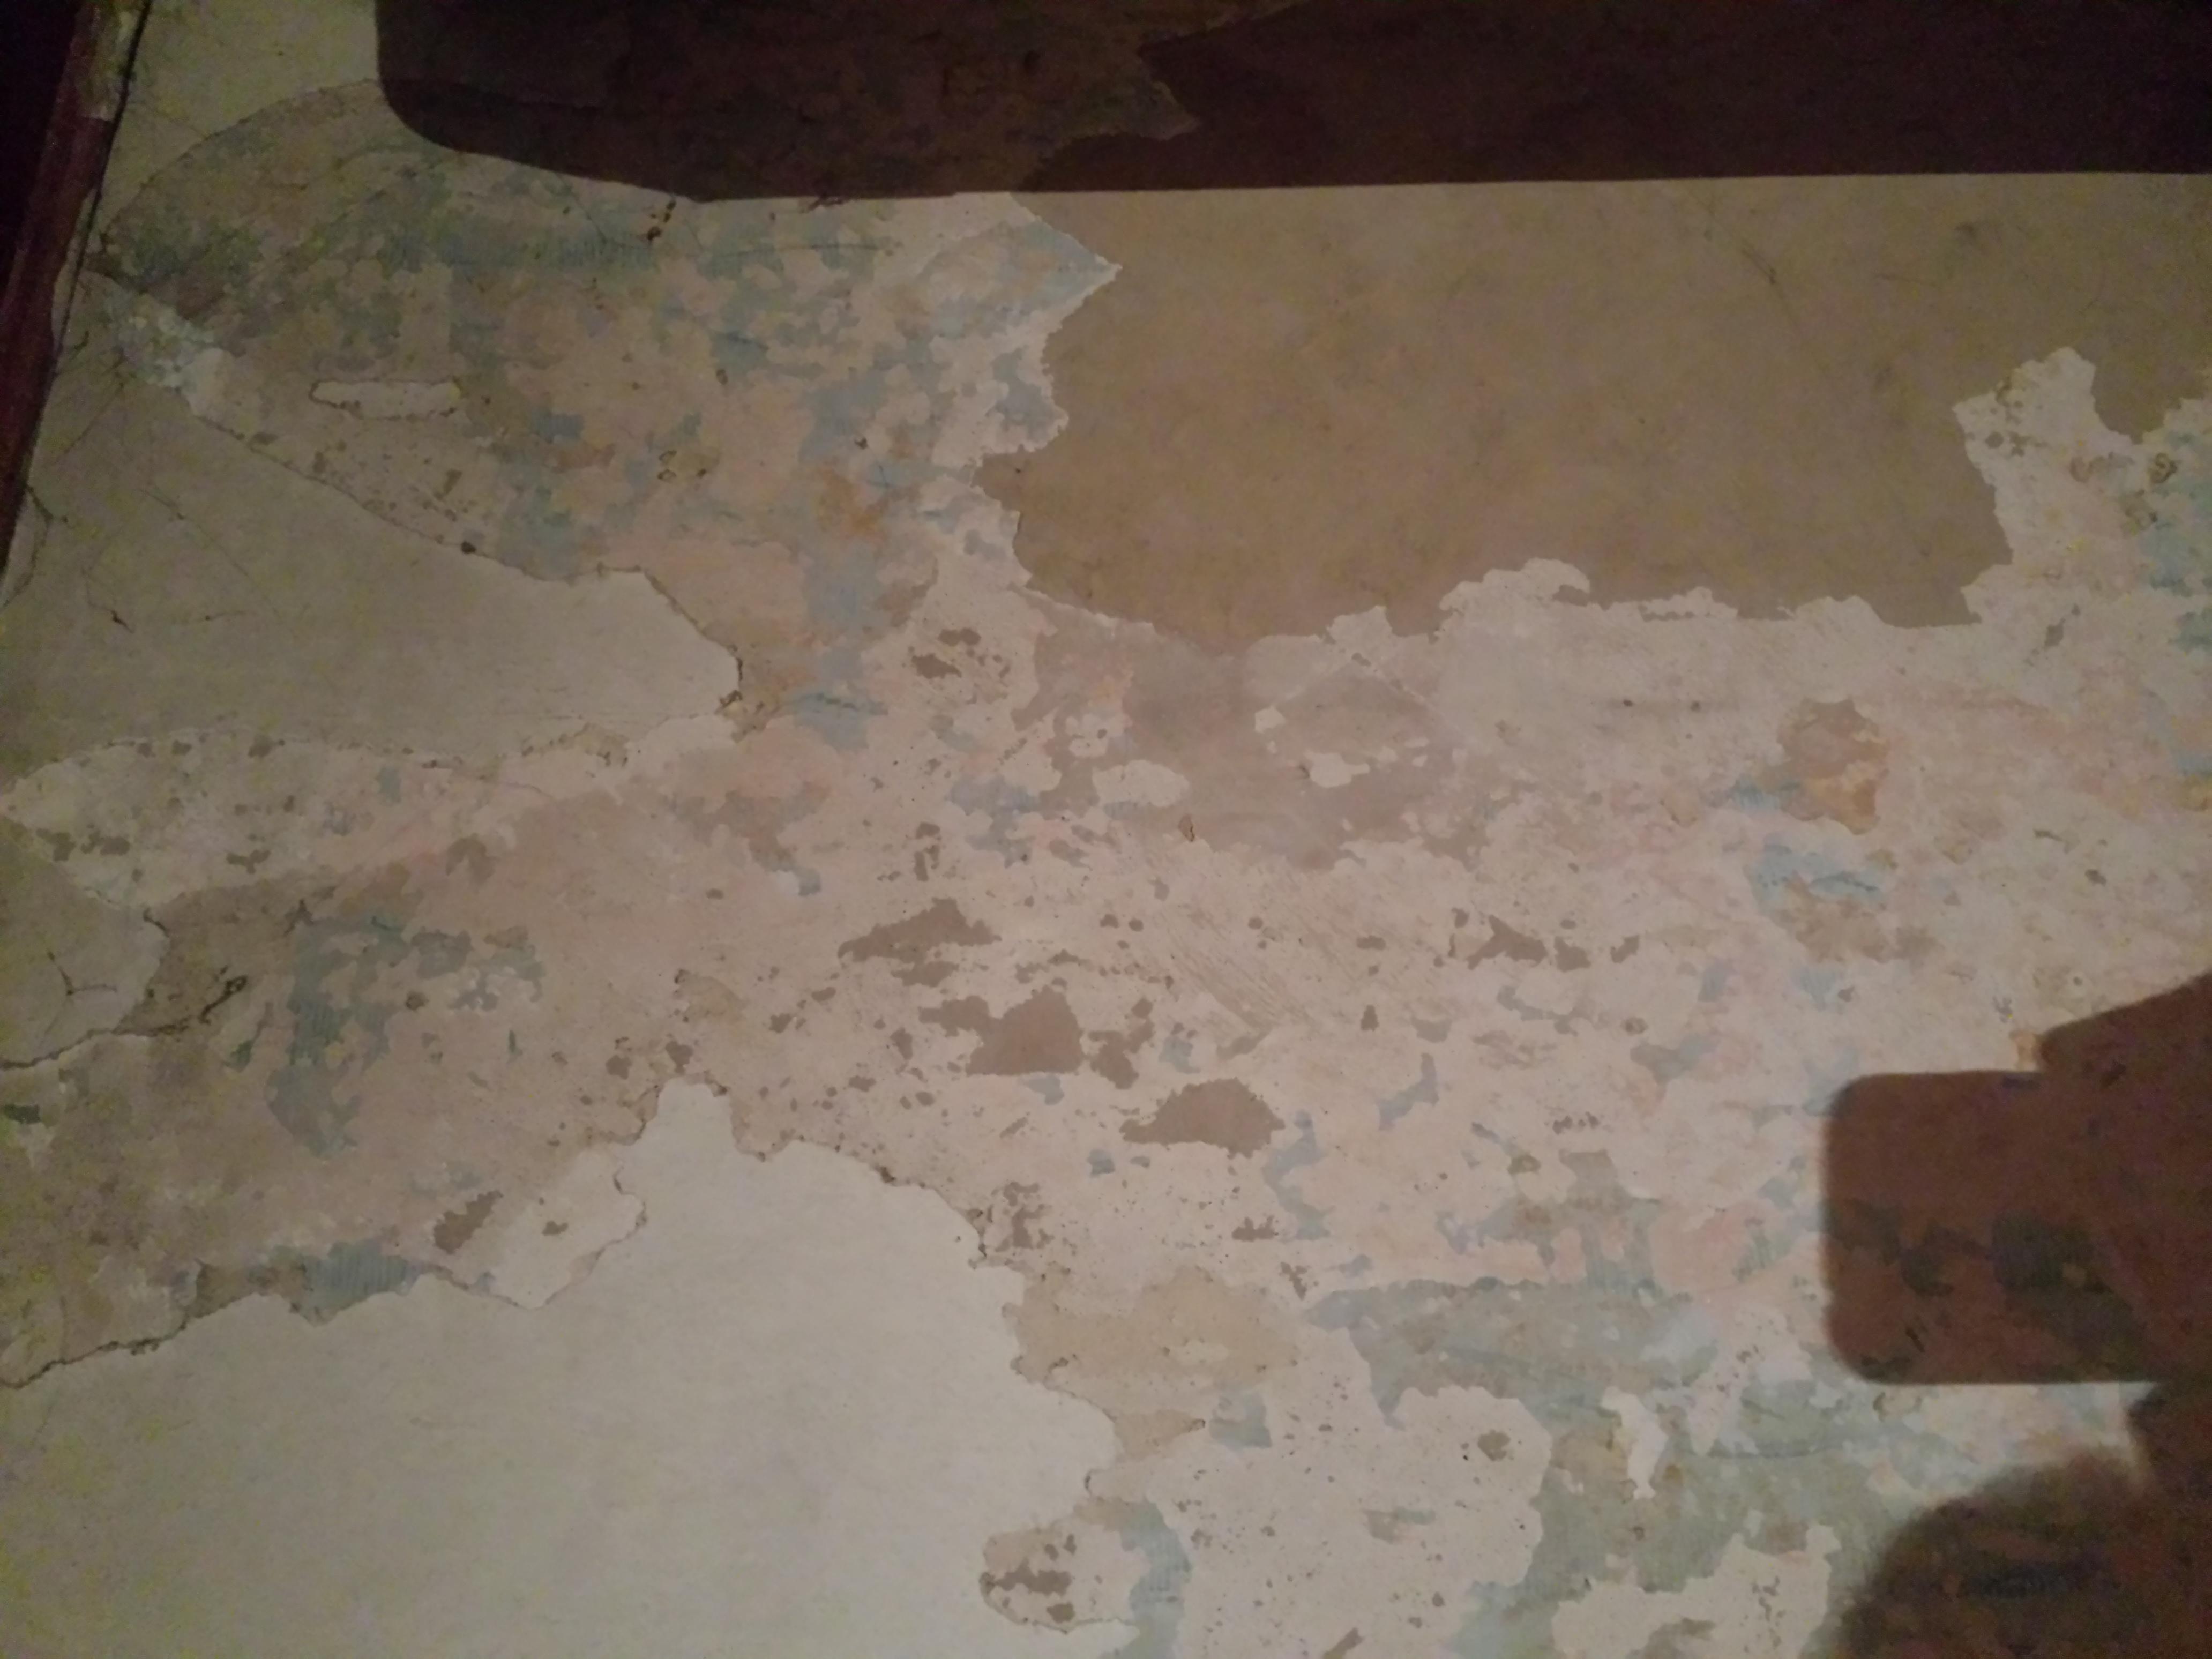 Altbau Tapezieren altbau wände. Übler zustand. tapezieren ? | selbst.de diy forum